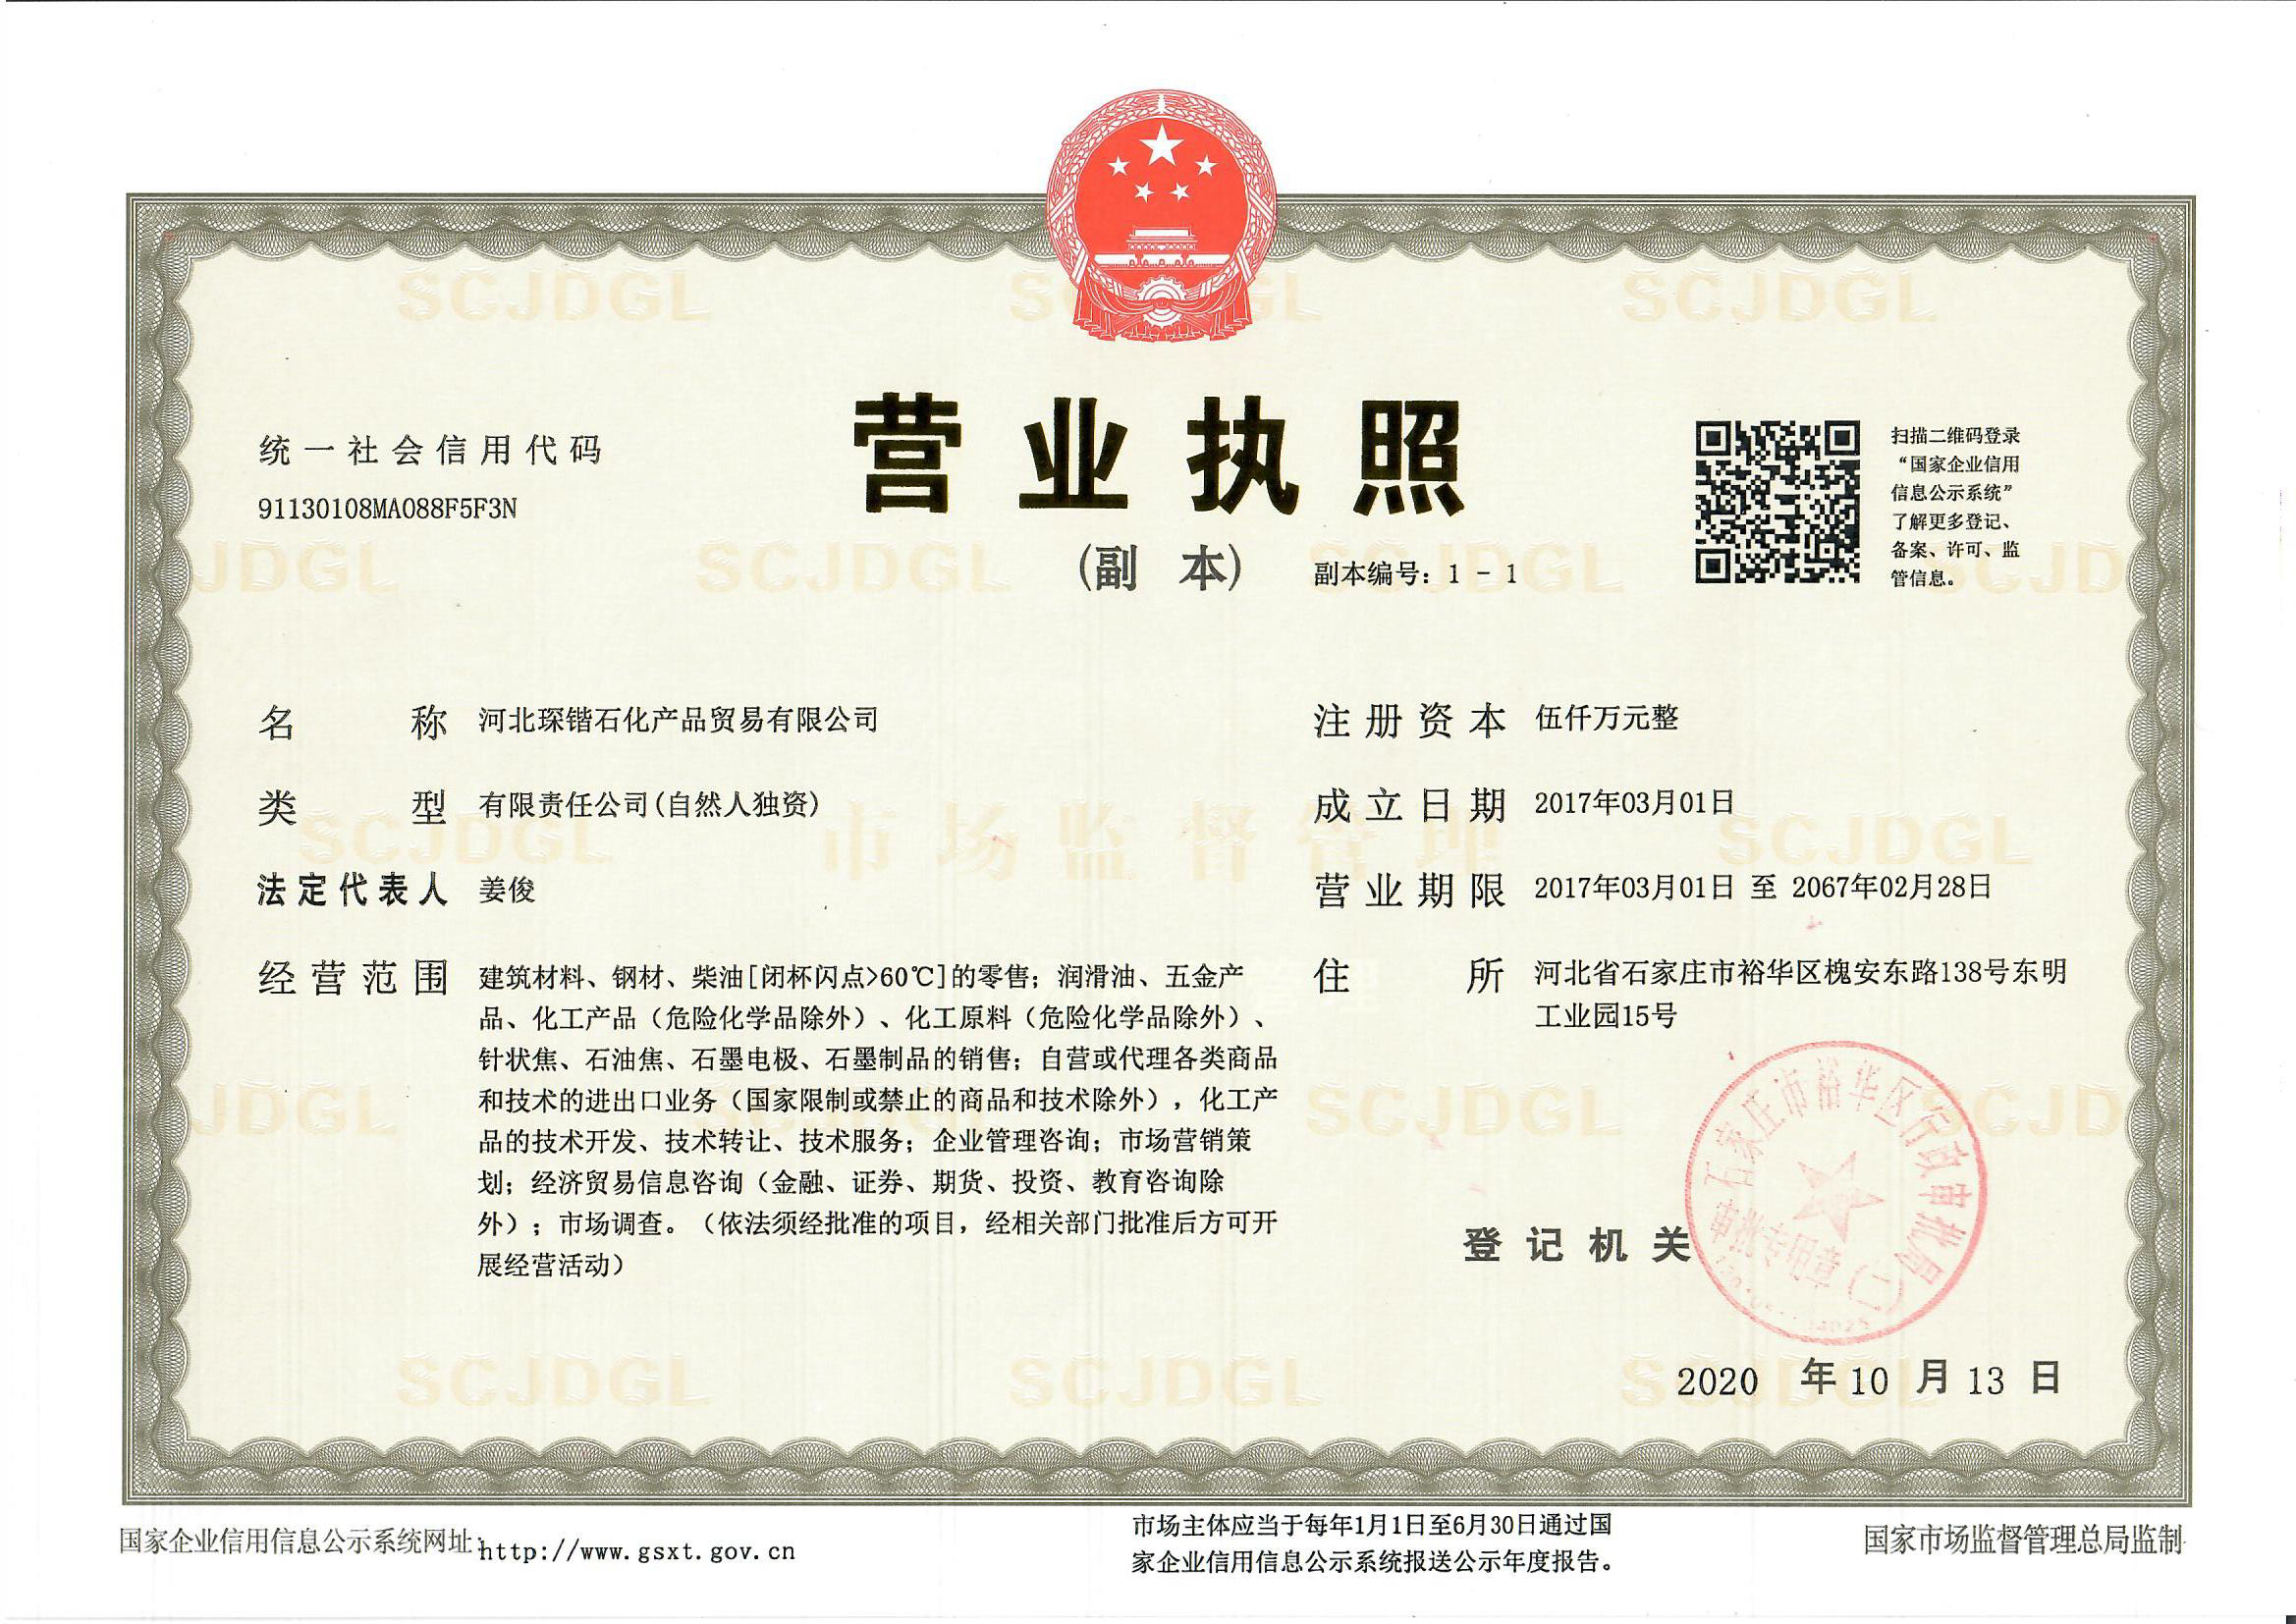 琛锴营业执照